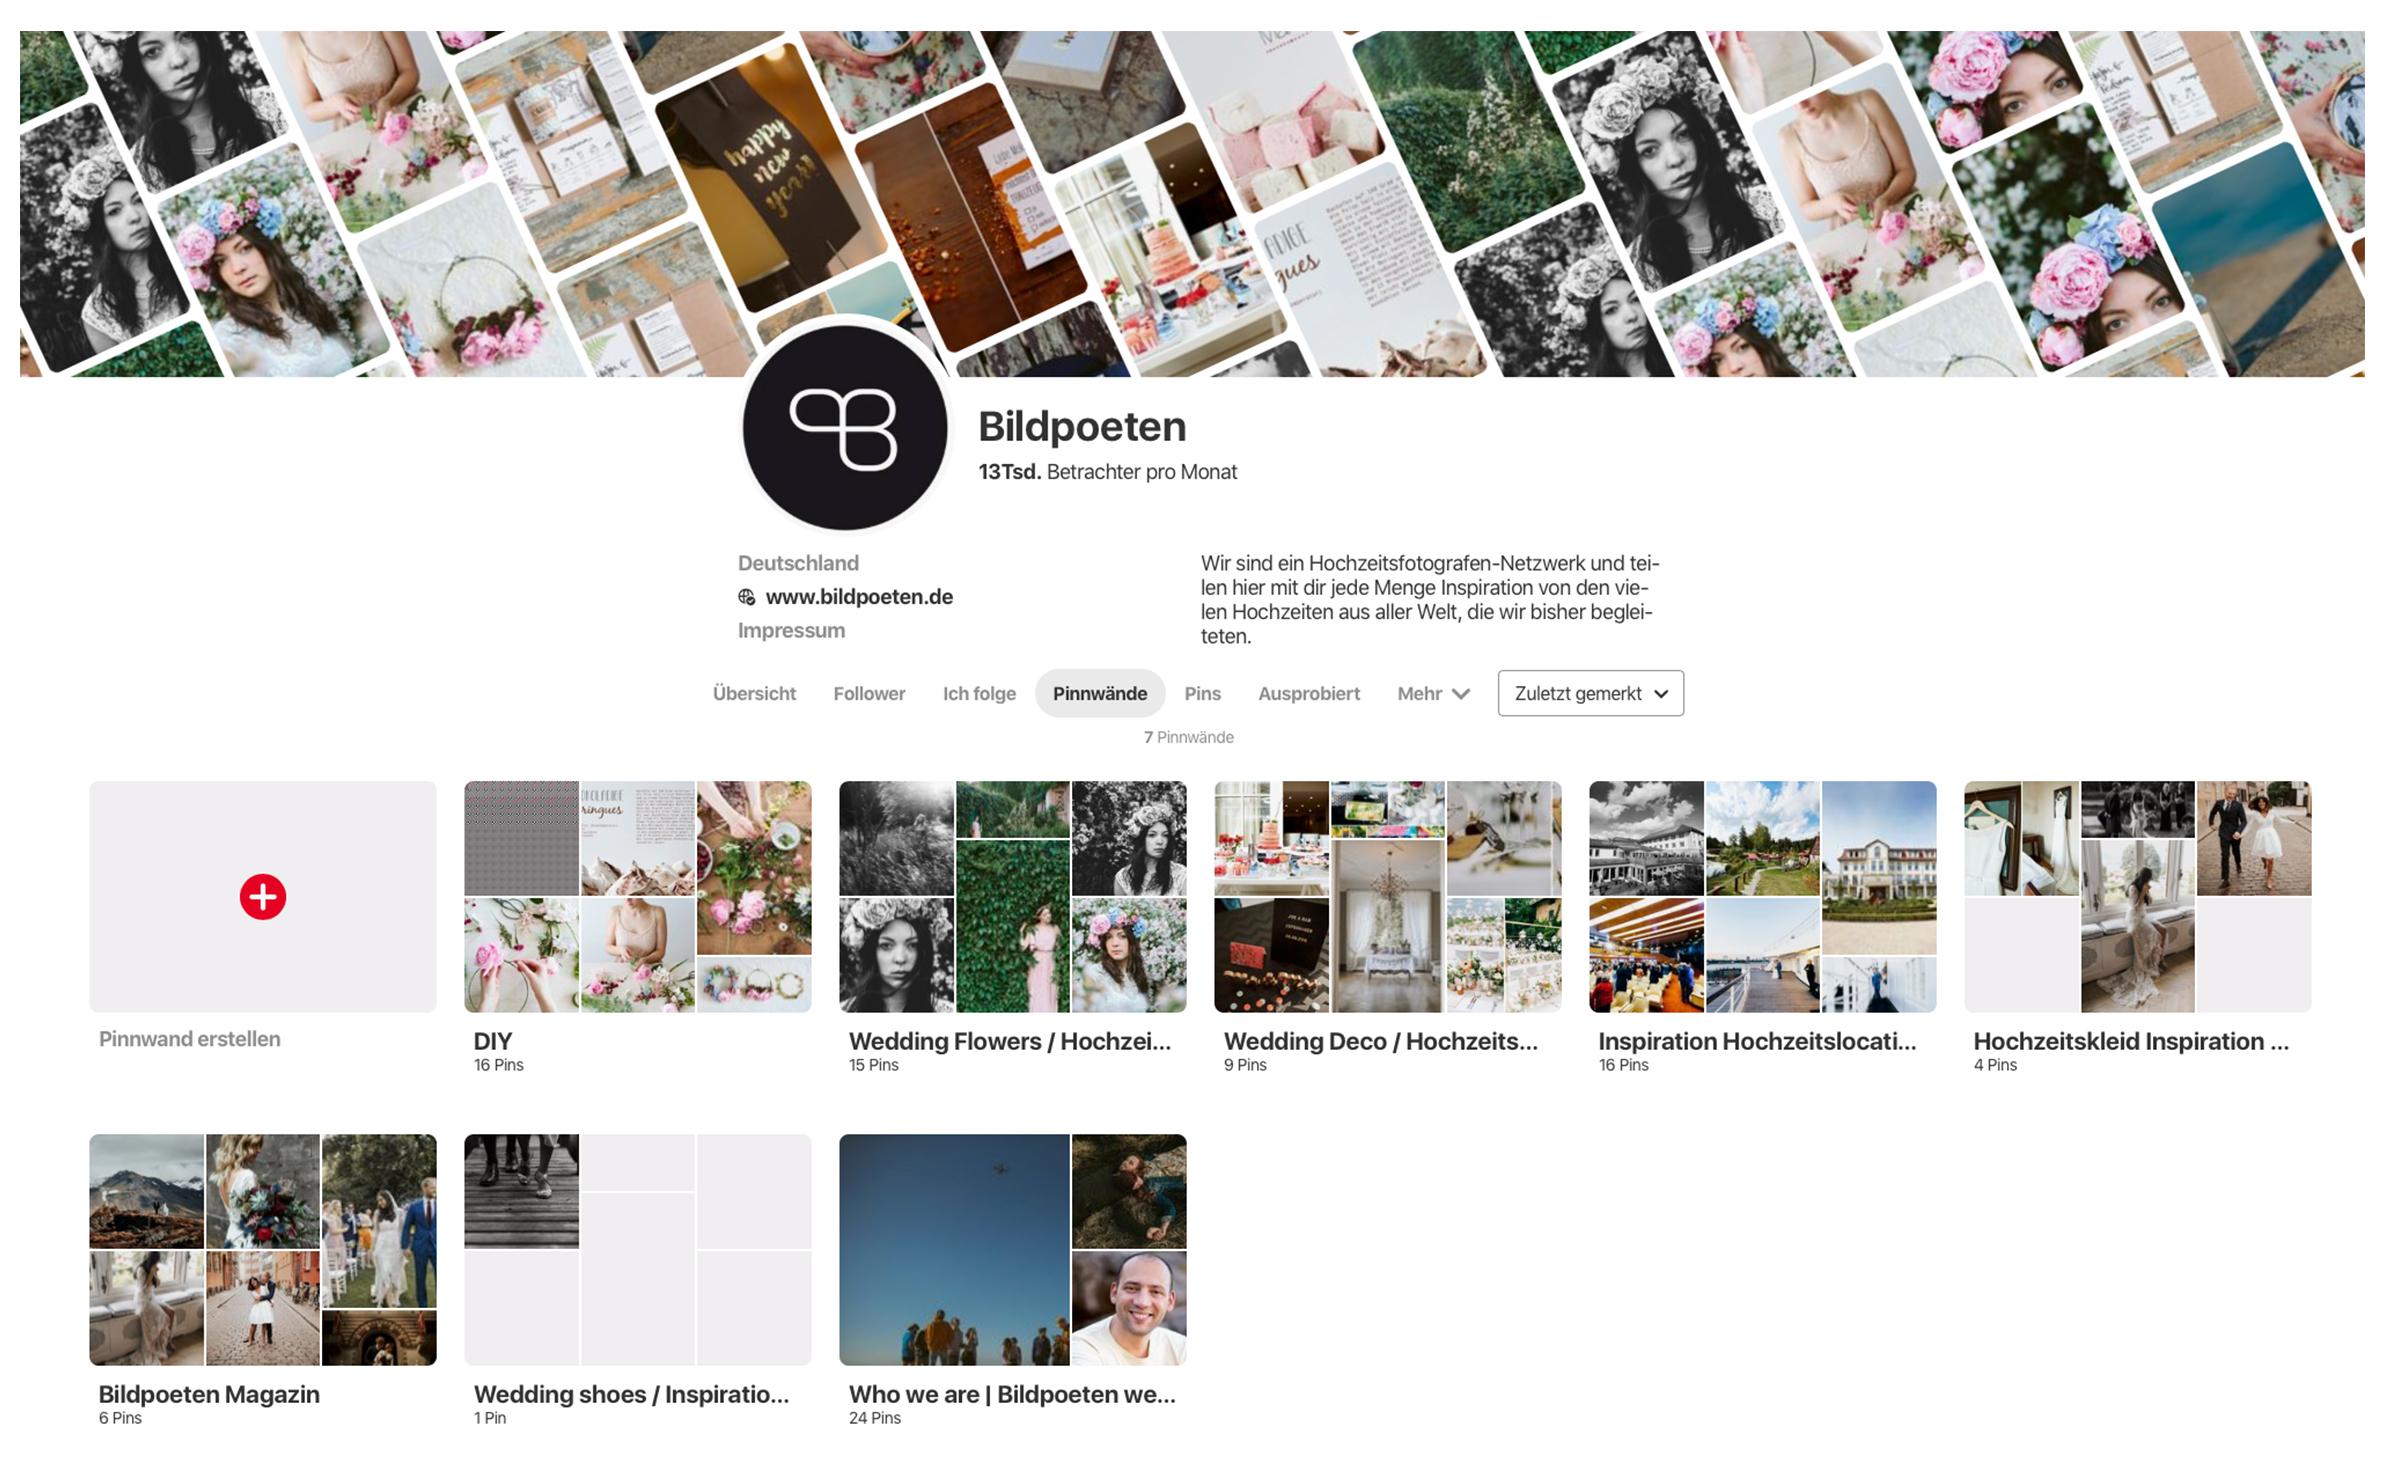 Hochzeitsinspiration Die Bildpoeten sind jetzt bei Pinterest ...